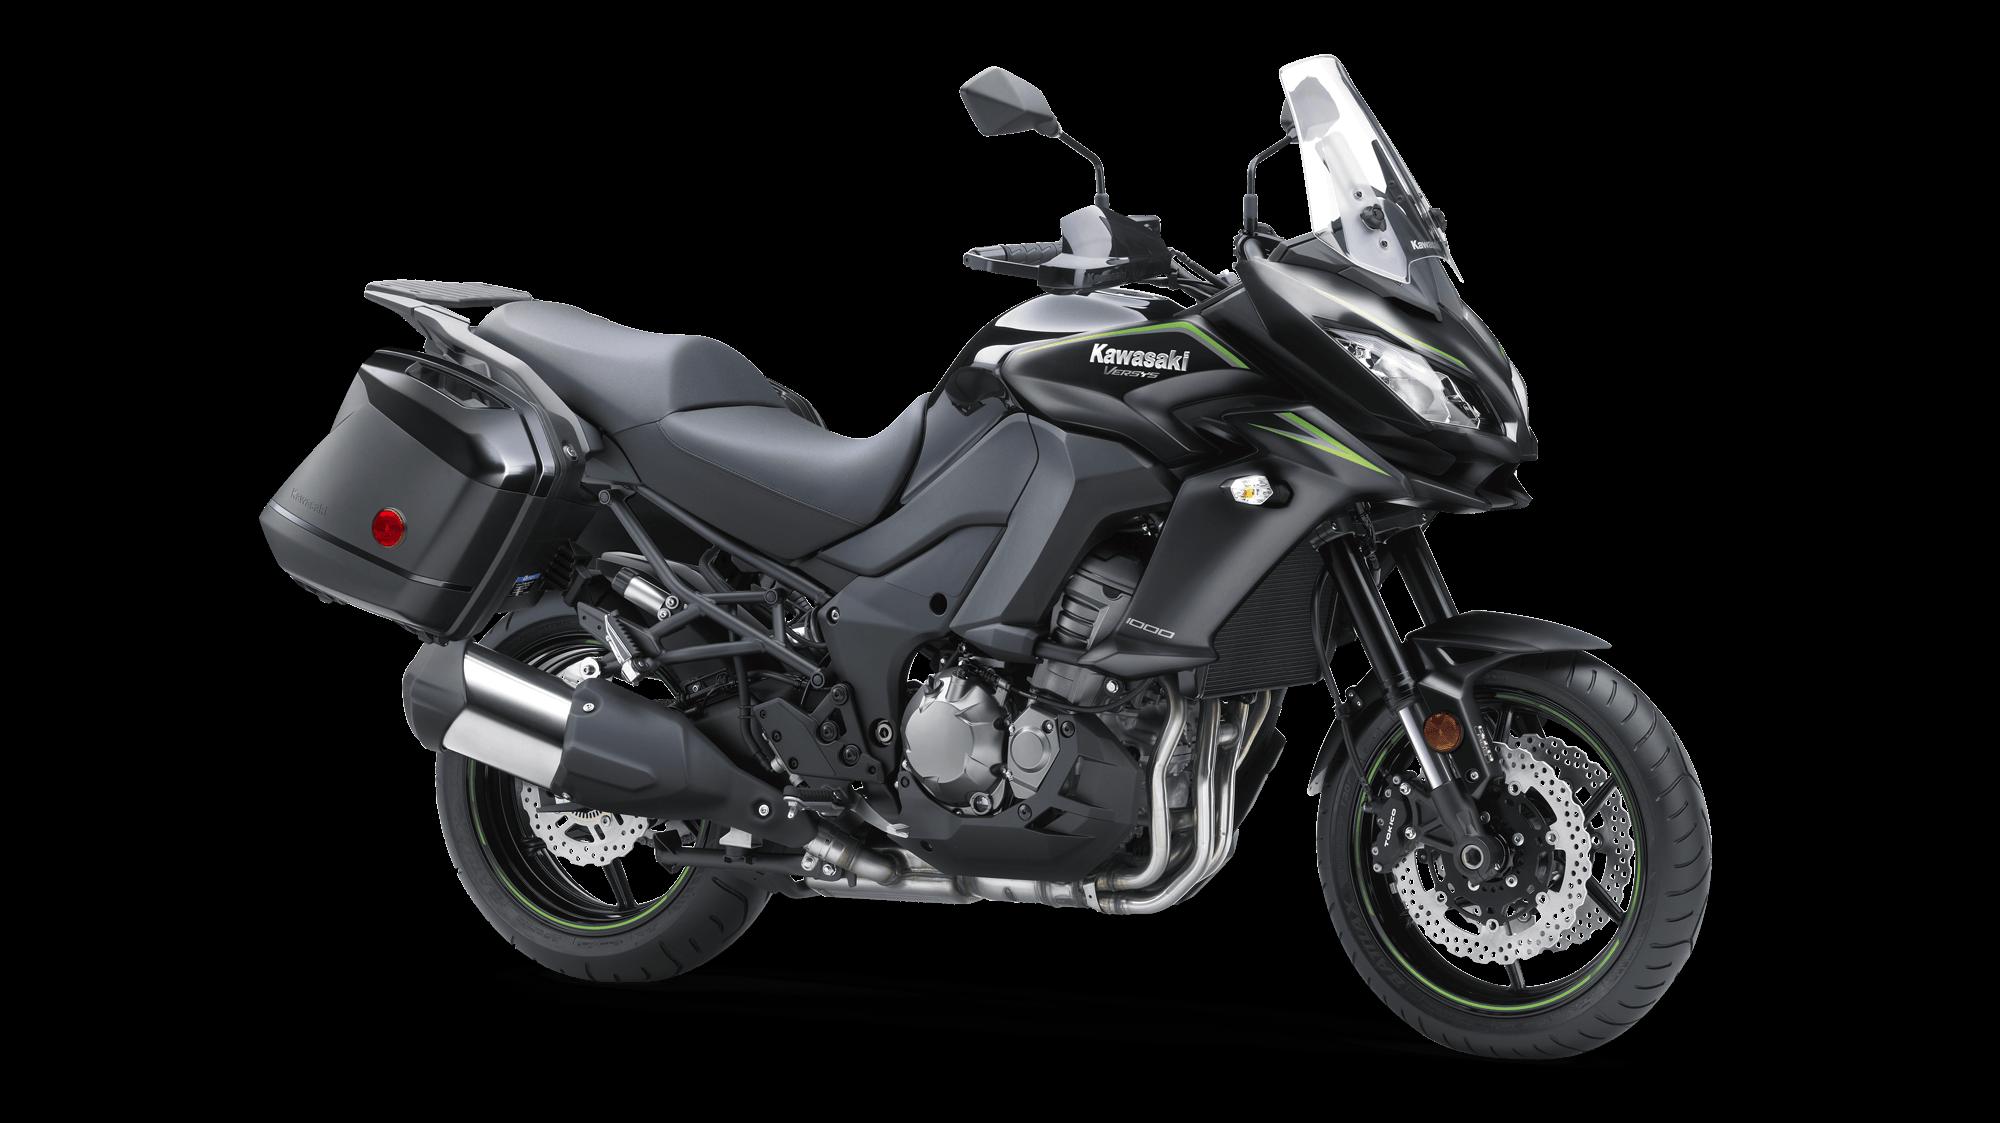 yic2pukz.3xa 2018 versys� 1000 lt touring motorcycle by kawasaki  at gsmx.co